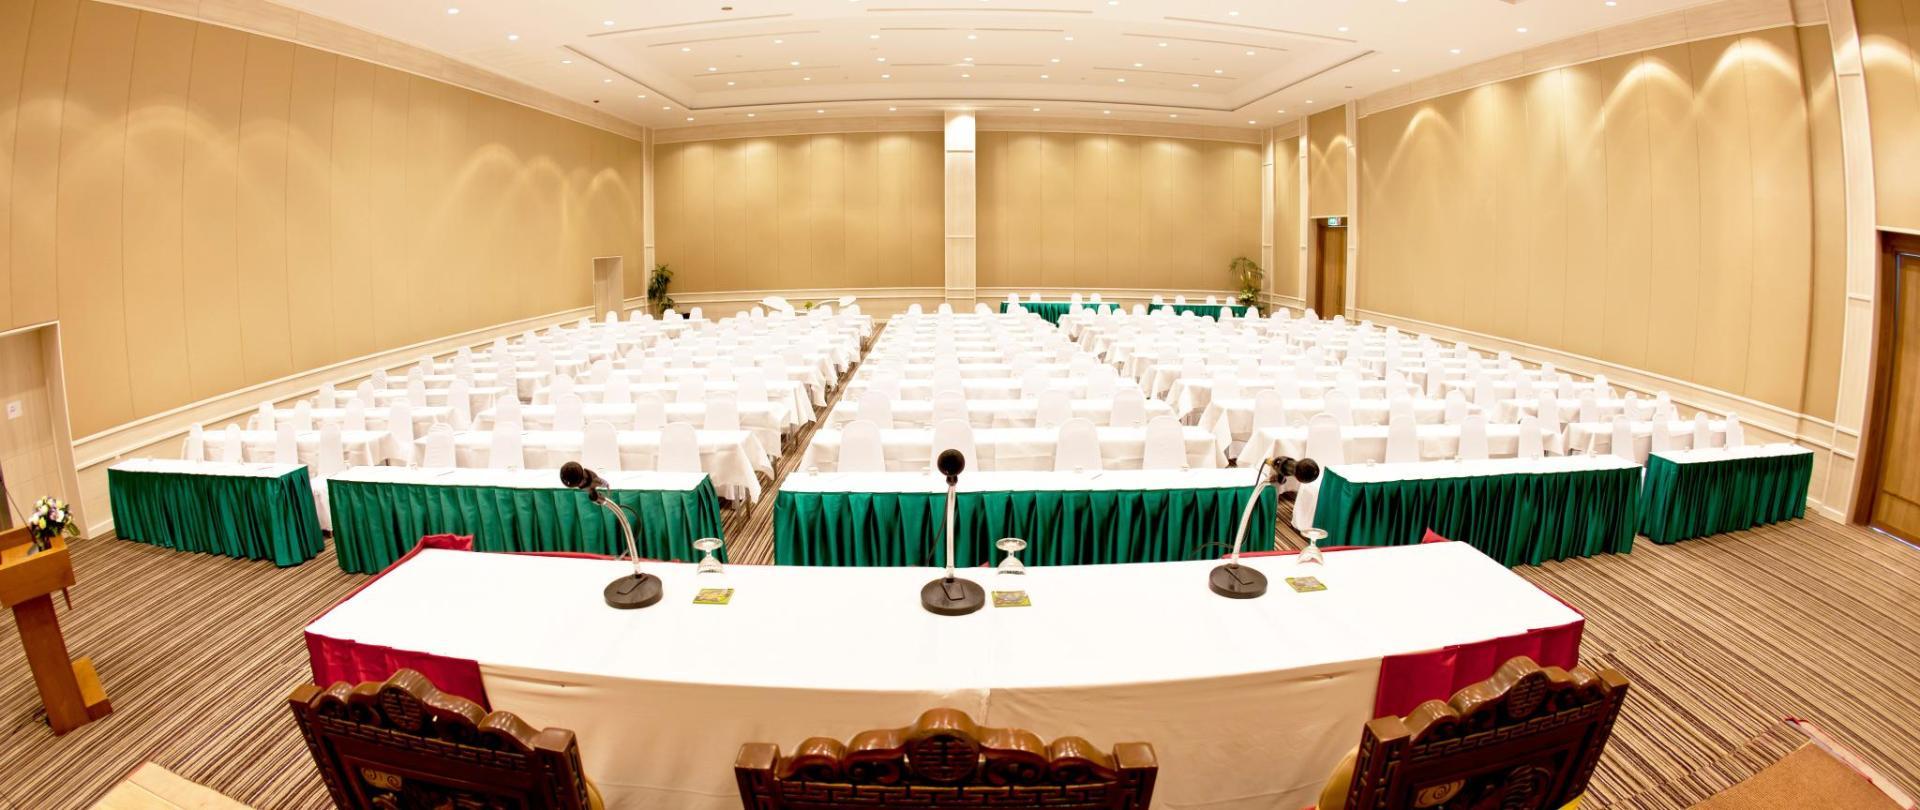 ภาพห้องประชุมแกรนด์บอลรูมชั้น3-412.jpg